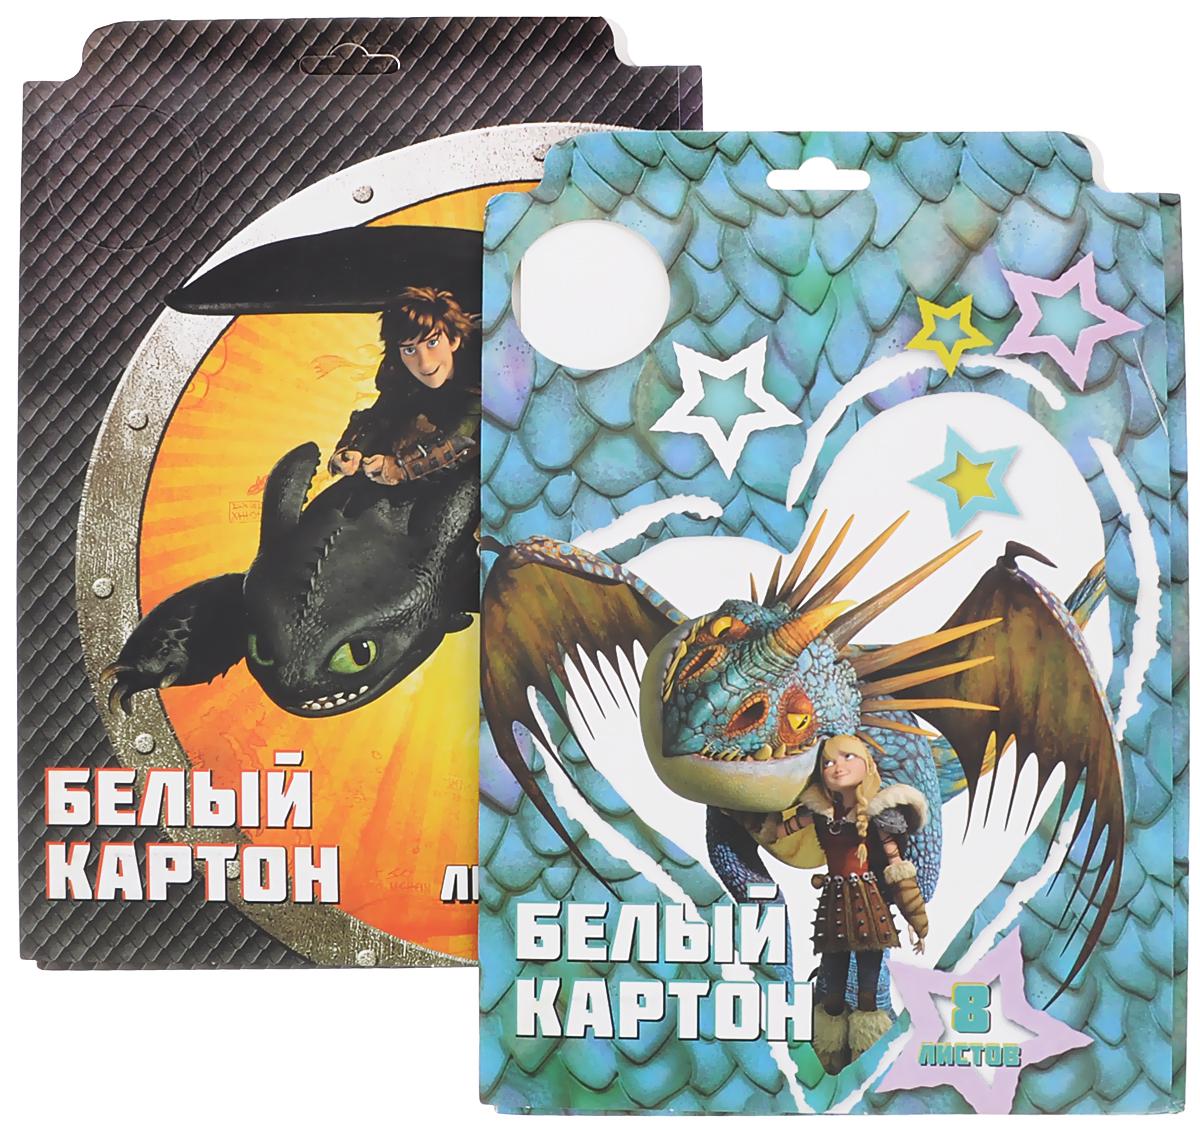 Action! Картон белый Dragons 8 листов 2 шт72523WDКартон мелованный белый Action! Dragons позволит вашему ребенку создавать всевозможные аппликации и поделки.Набор состоит из 8 листов картона белого цвета формата А4. Листы упакованы в оригинальную картонную папку, оформленную изображением героев Dragons. Создание поделок из картона поможет ребенку в развитии творческих способностей, кроме того, это увлекательный досуг.В комплекте 2 набора по 8 листов.